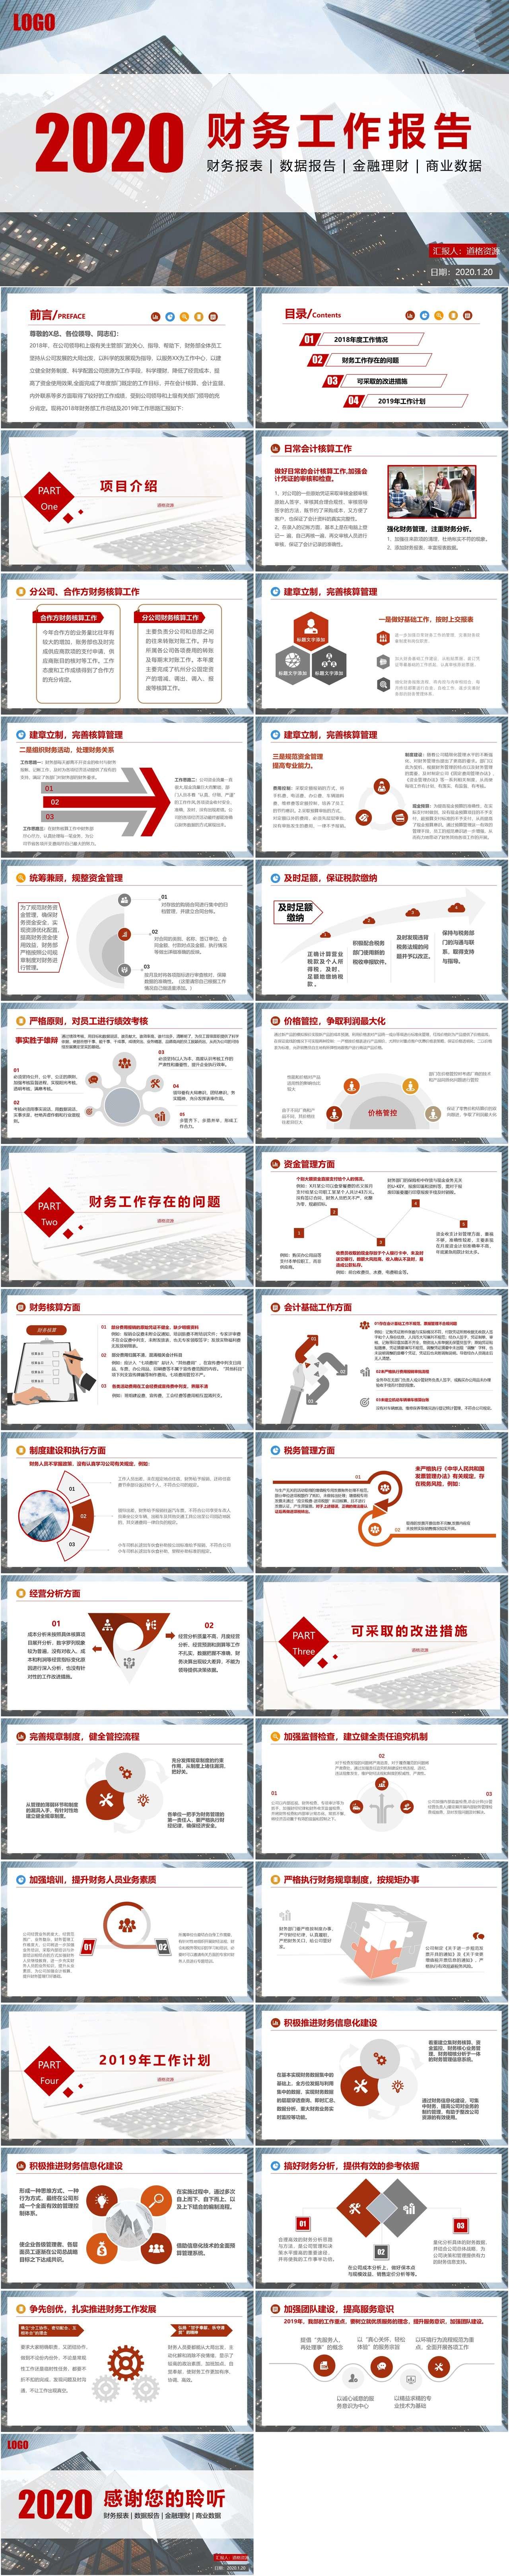 2020简约商务风公司企业财务部工作总结计划PPT模板插图1